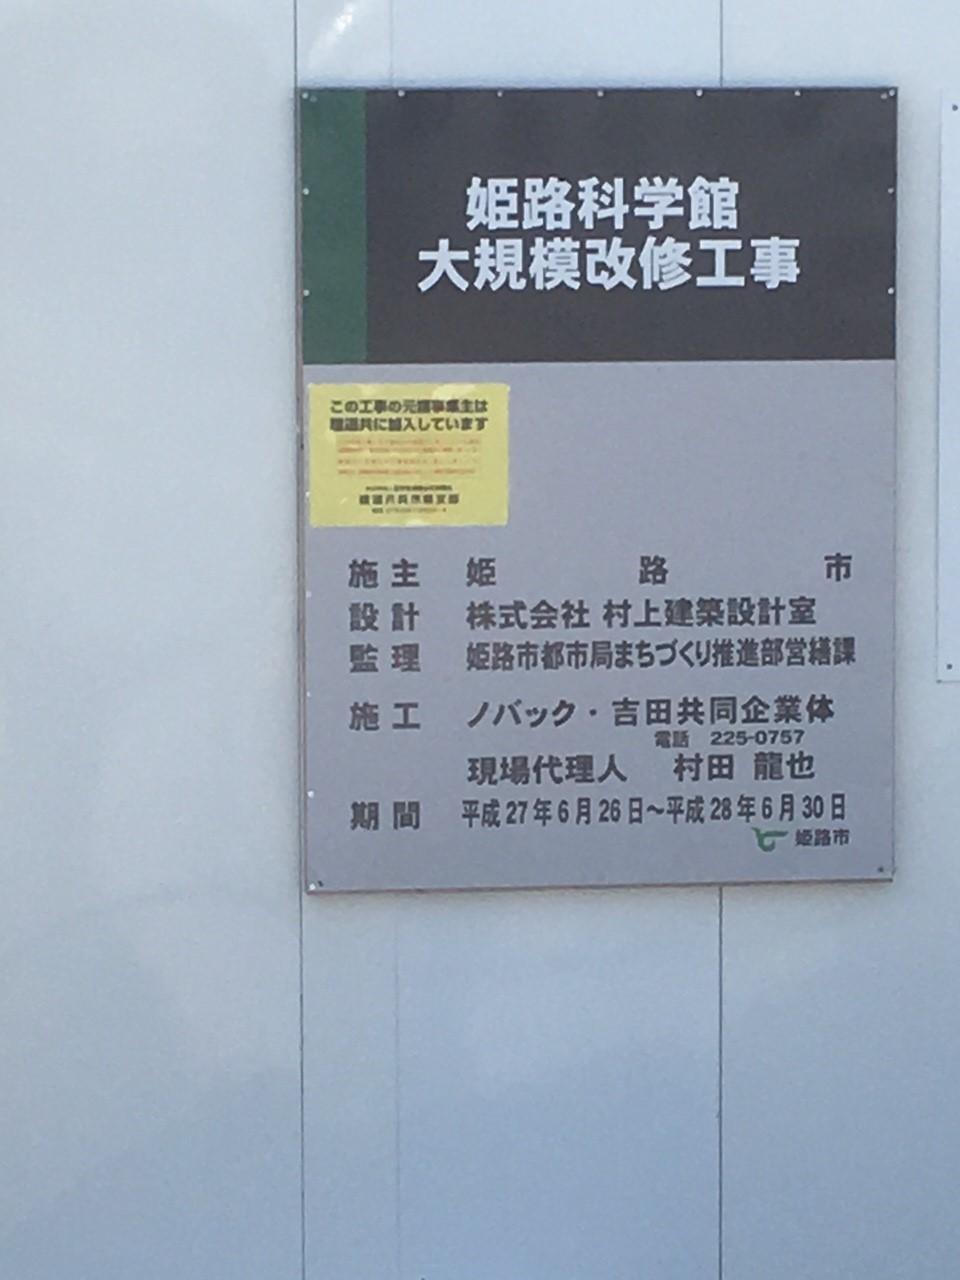 姫路科学館が大規模な改修工事をしている。_9780